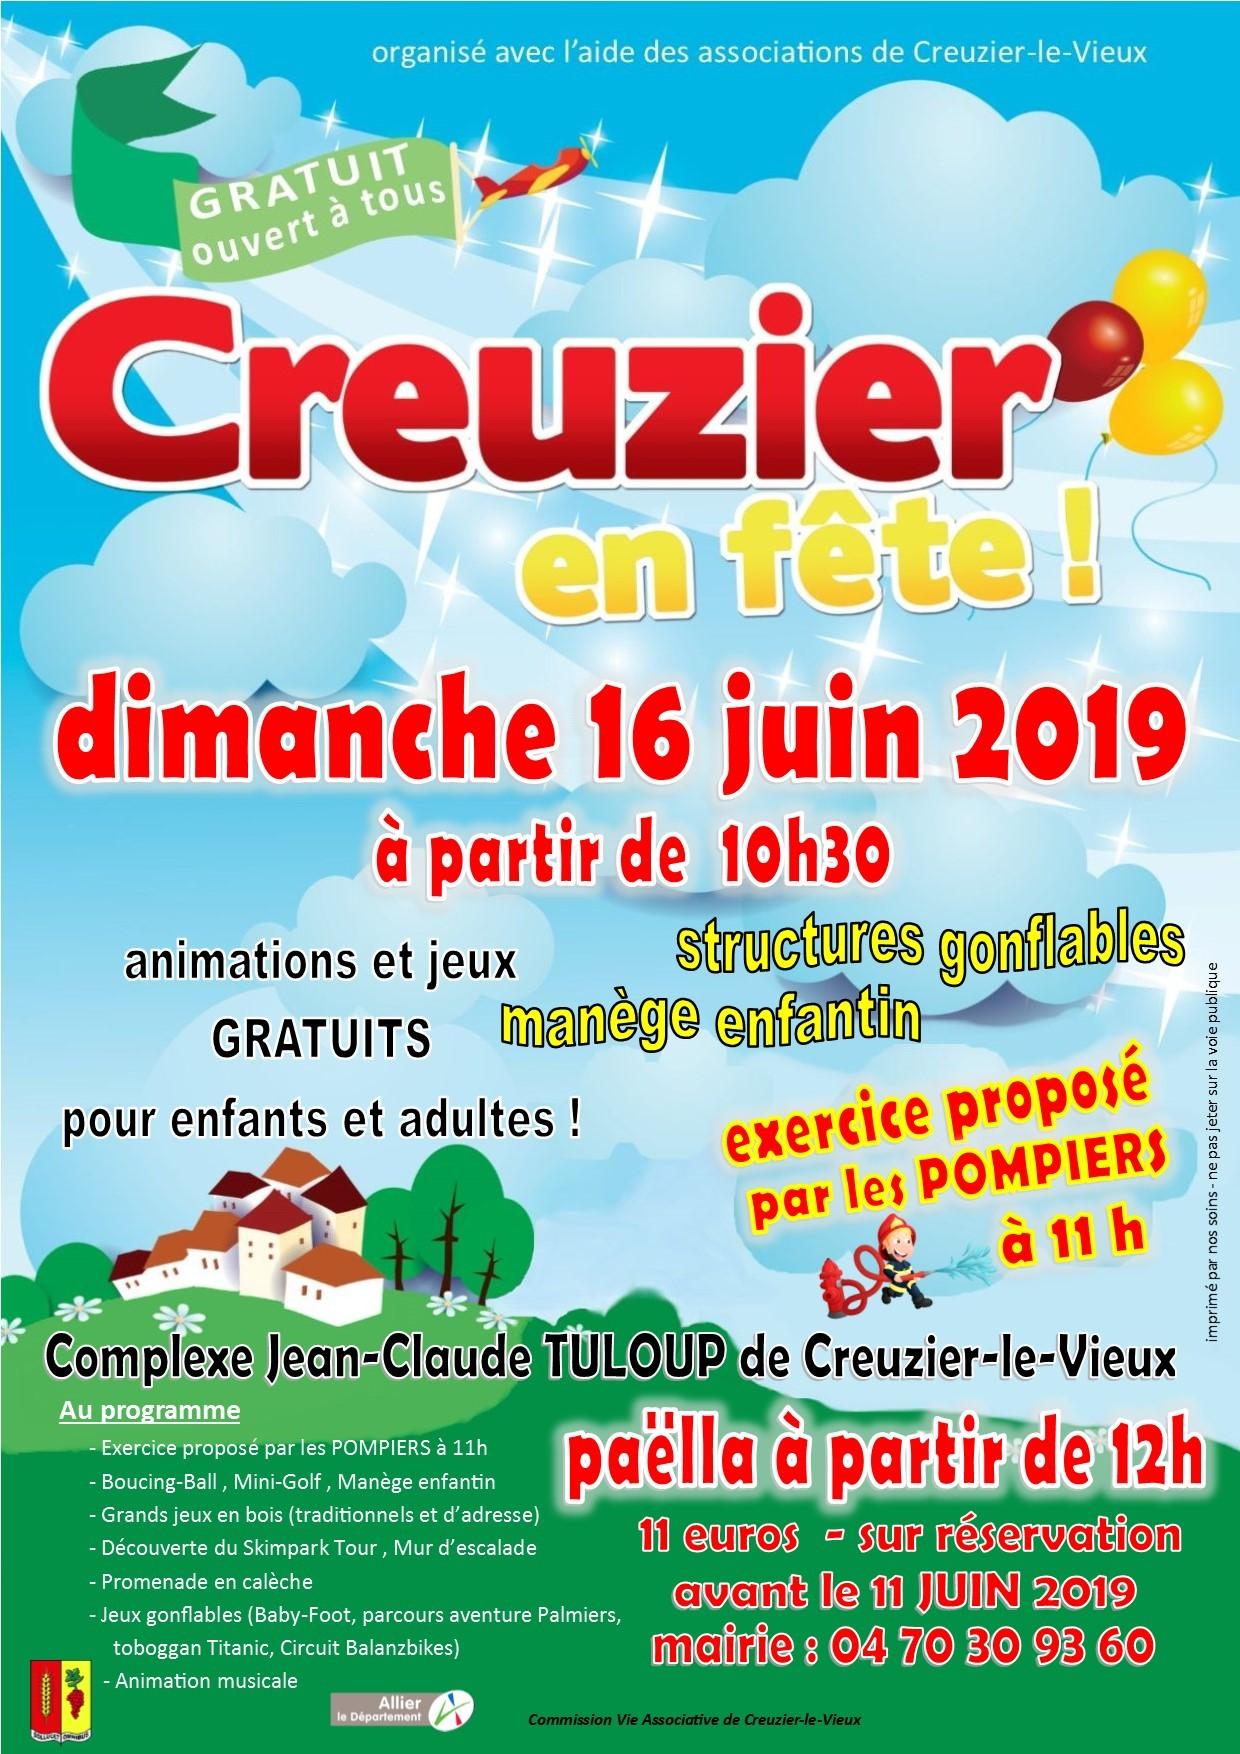 CREUZIER EN FETE - 16 juin 2019